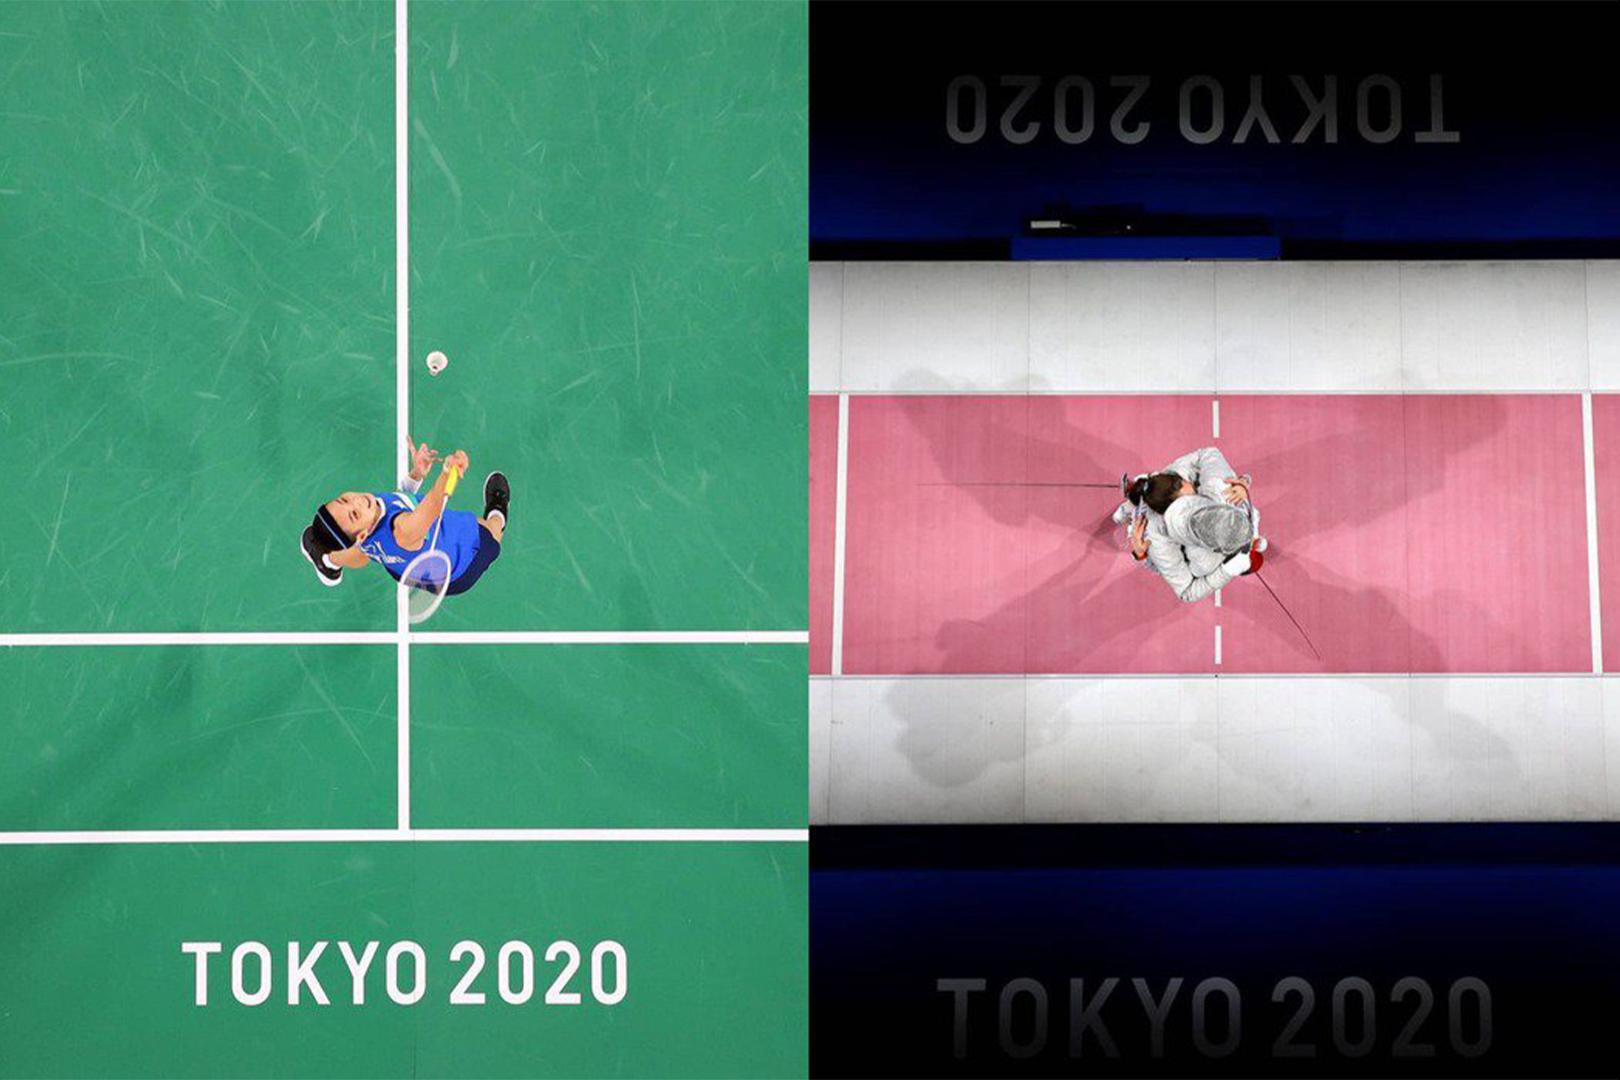 一張好照片張力無限!東京奧運官方IG「當運動遇上藝術」系列,巧妙角度與構圖讓球后戴資穎也上相